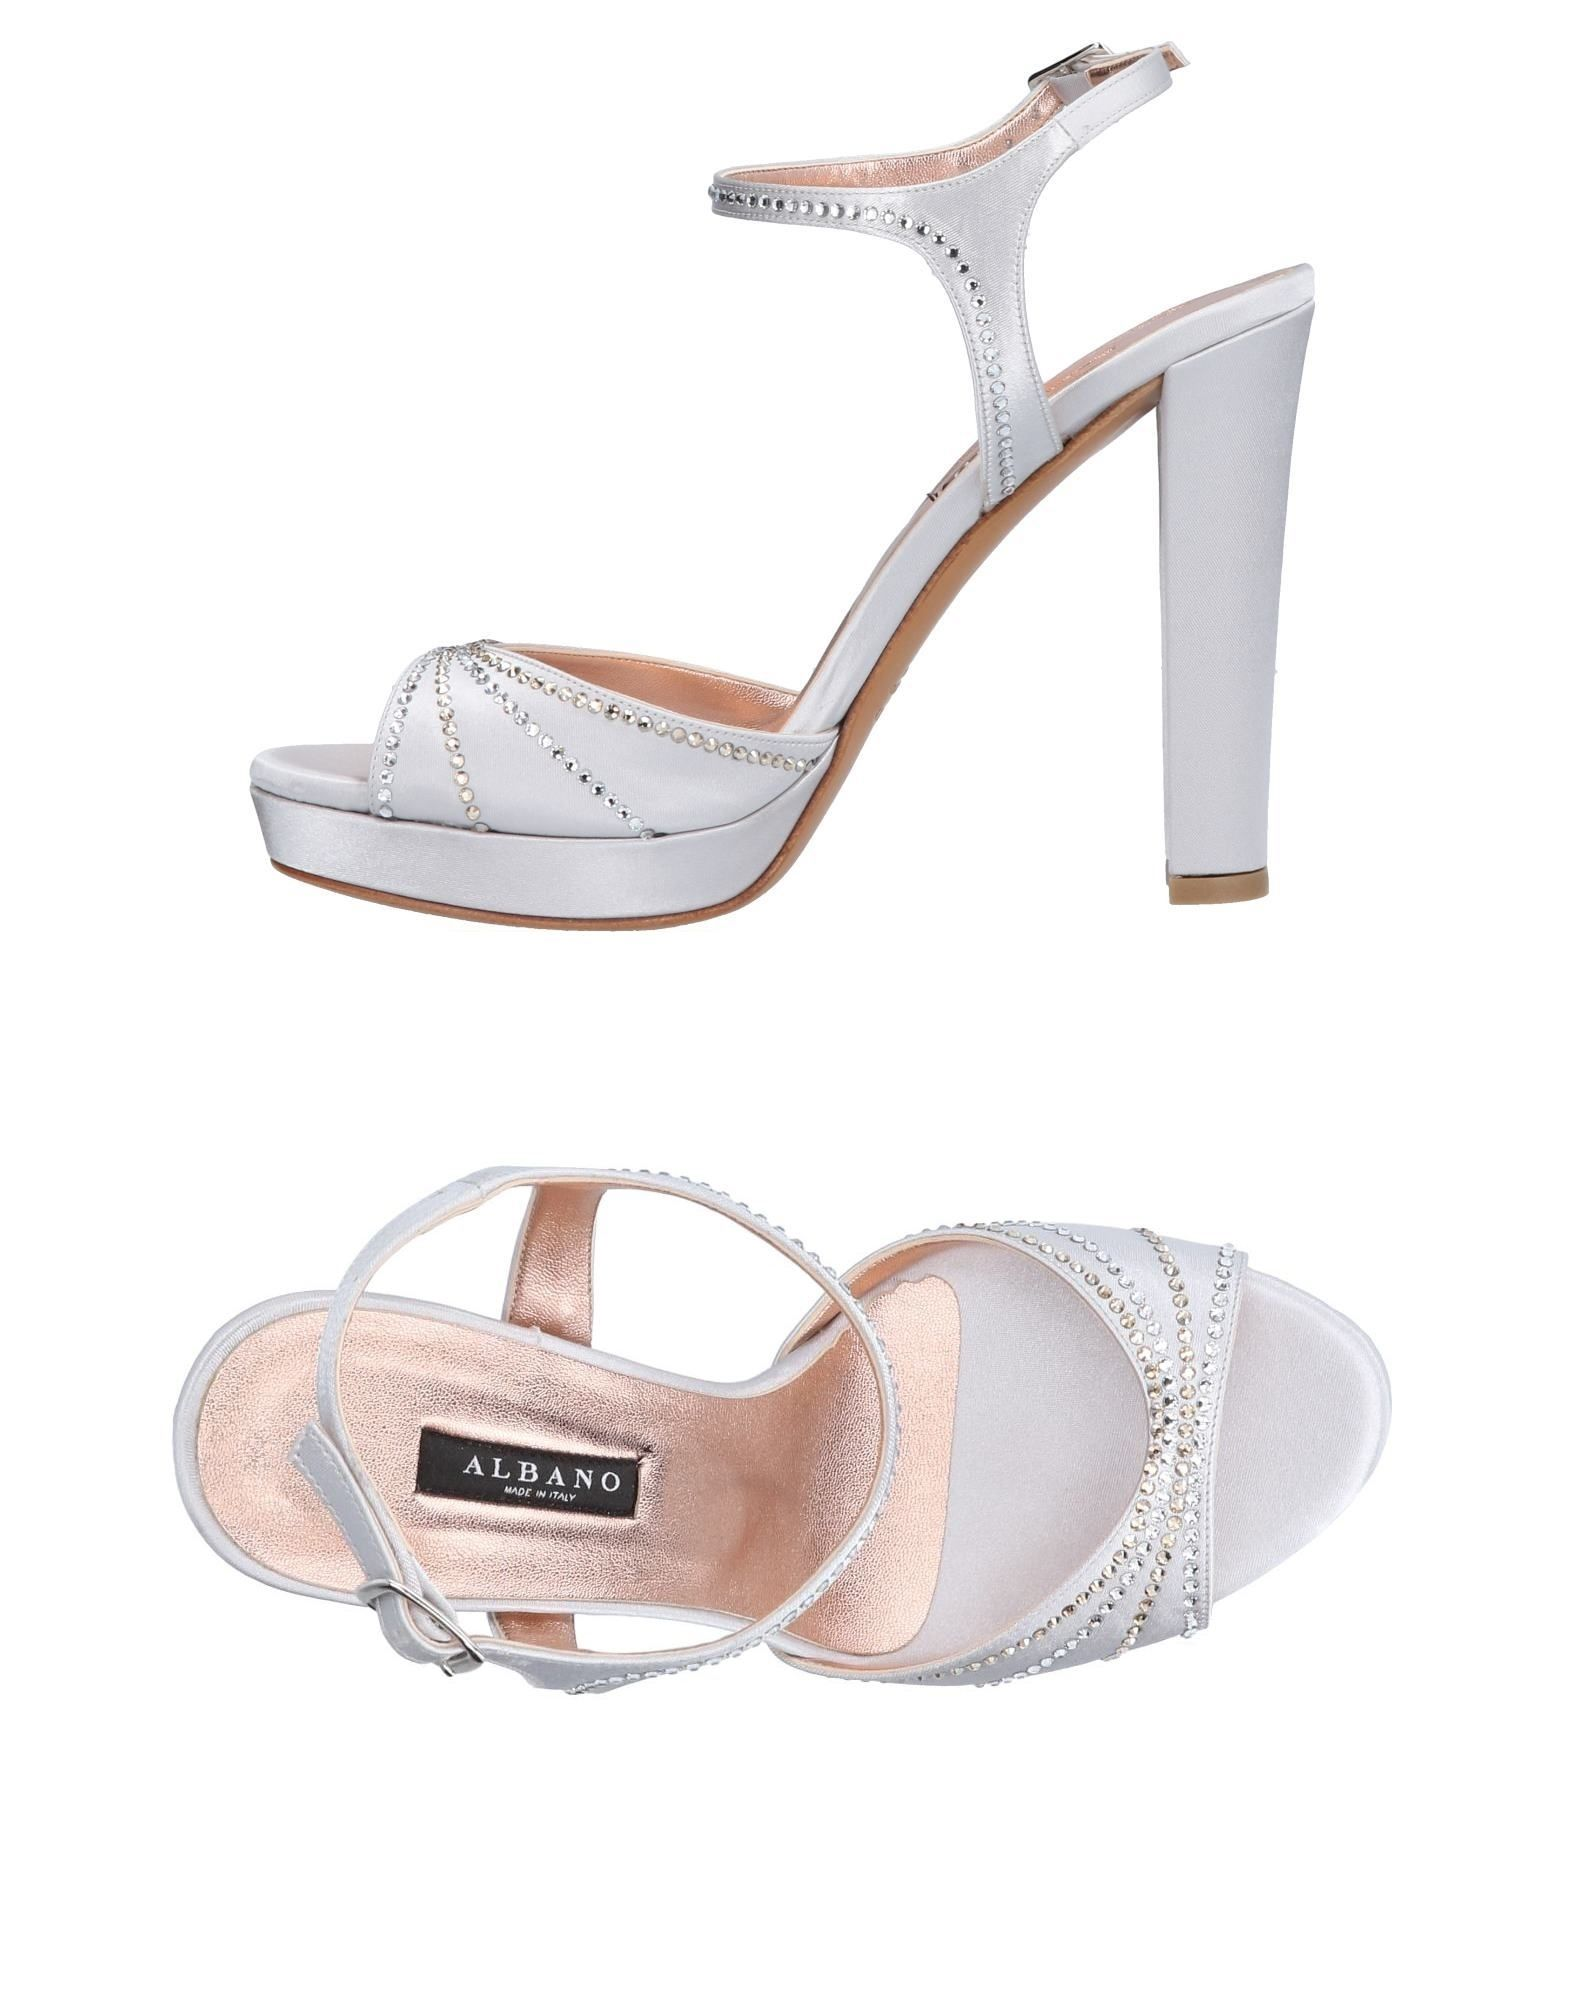 Albano Sandalen Damen  11456098AS Schuhe Gute Qualität beliebte Schuhe 11456098AS 5b507f